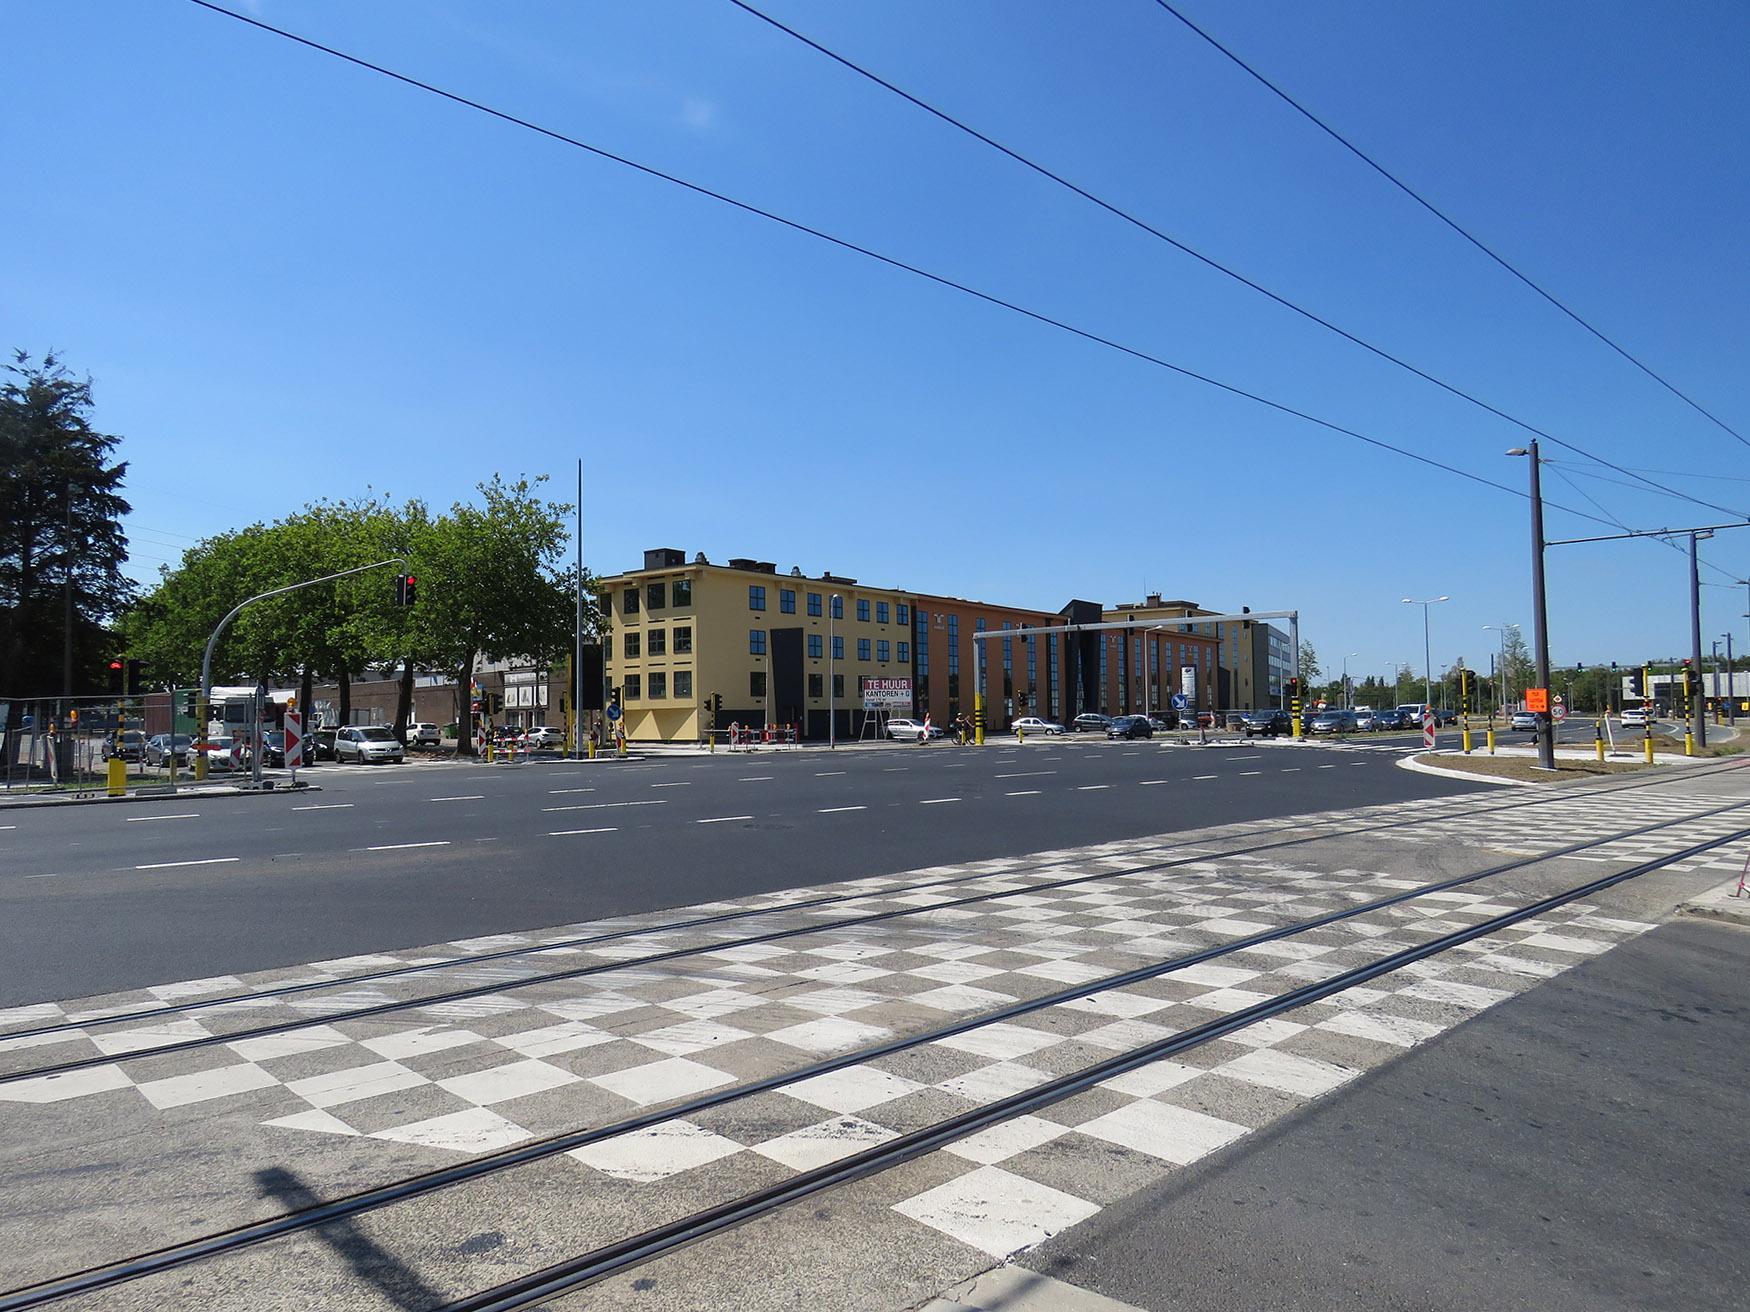 Kruispunt Havanastraat op de Noorderlaan